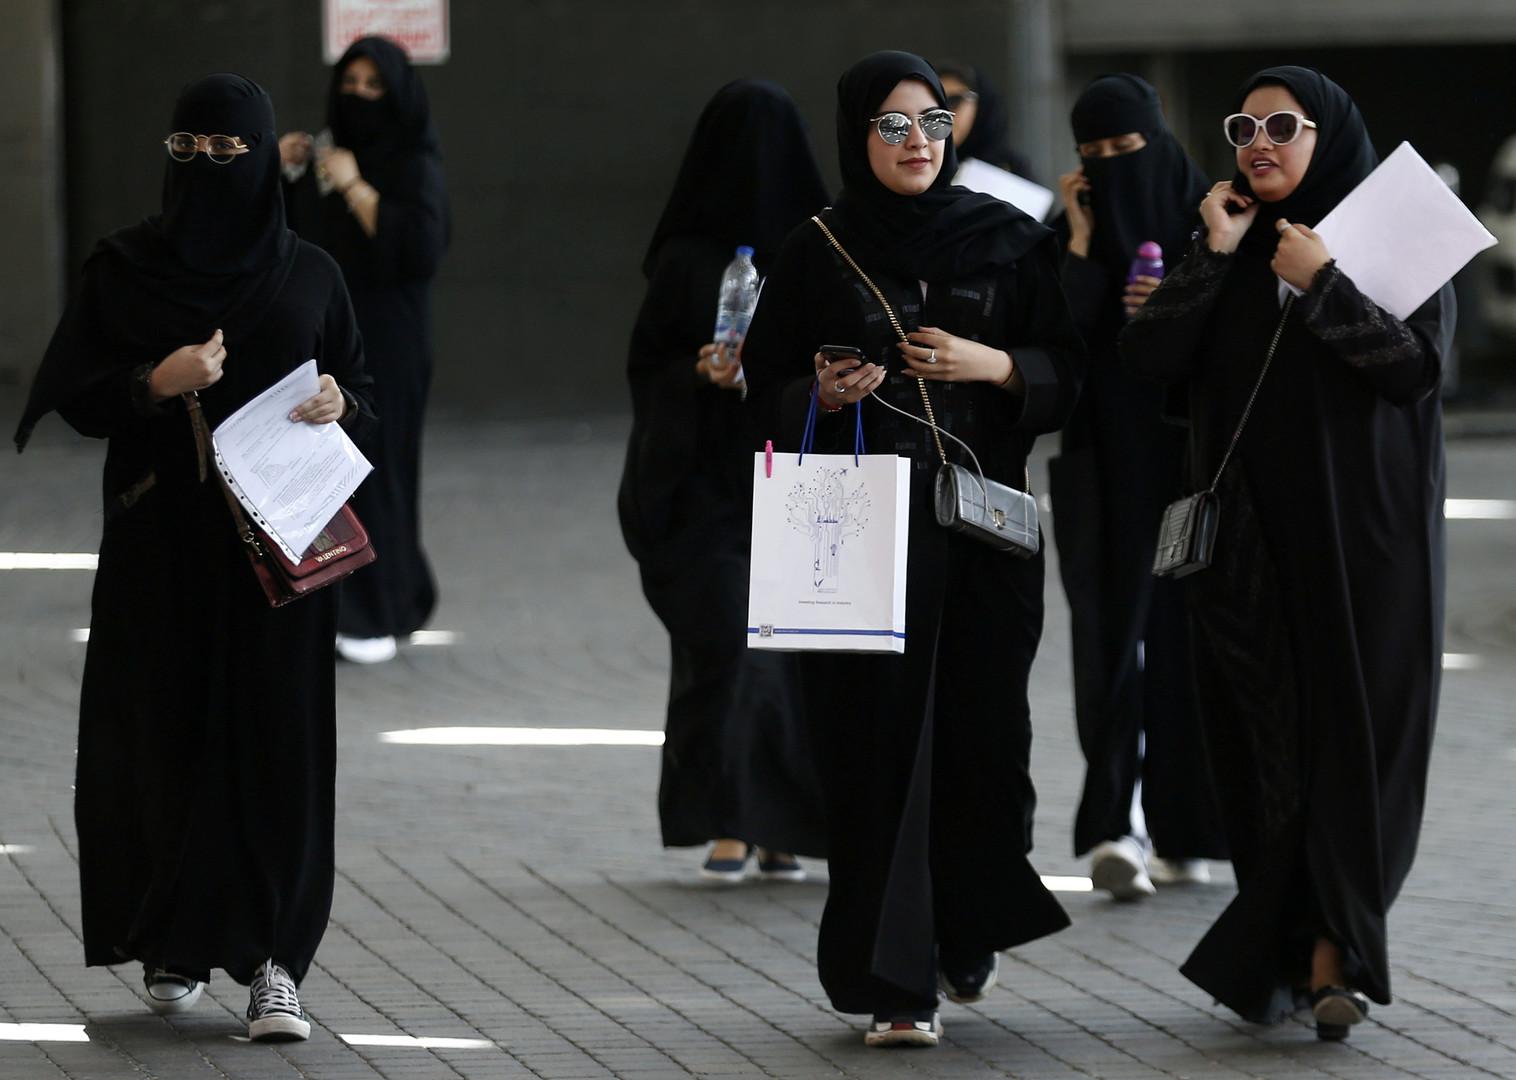 السعودية توفر وظائف نسائية في سلك الأمن